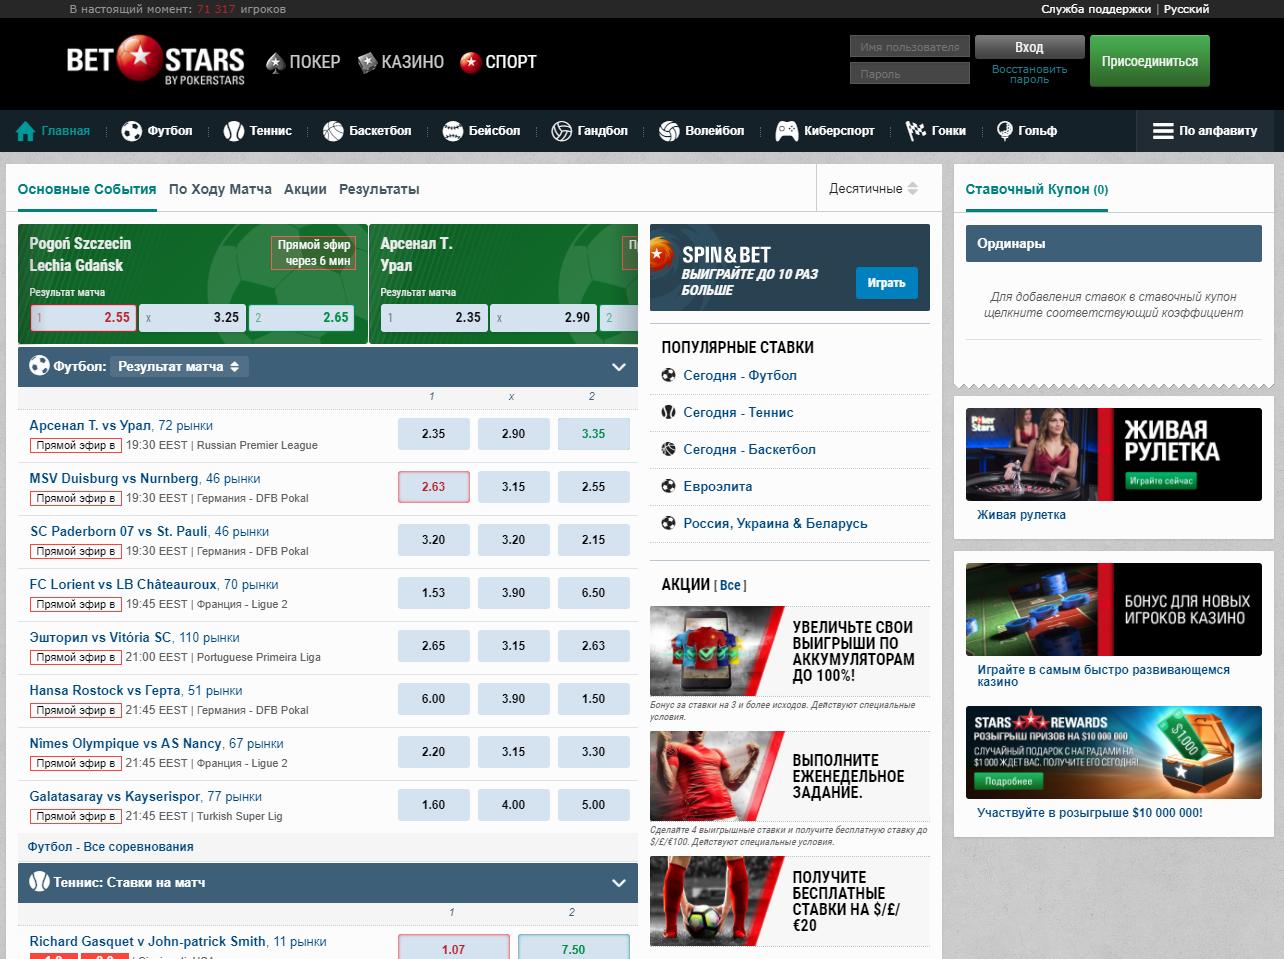 Сайт БК BetStars